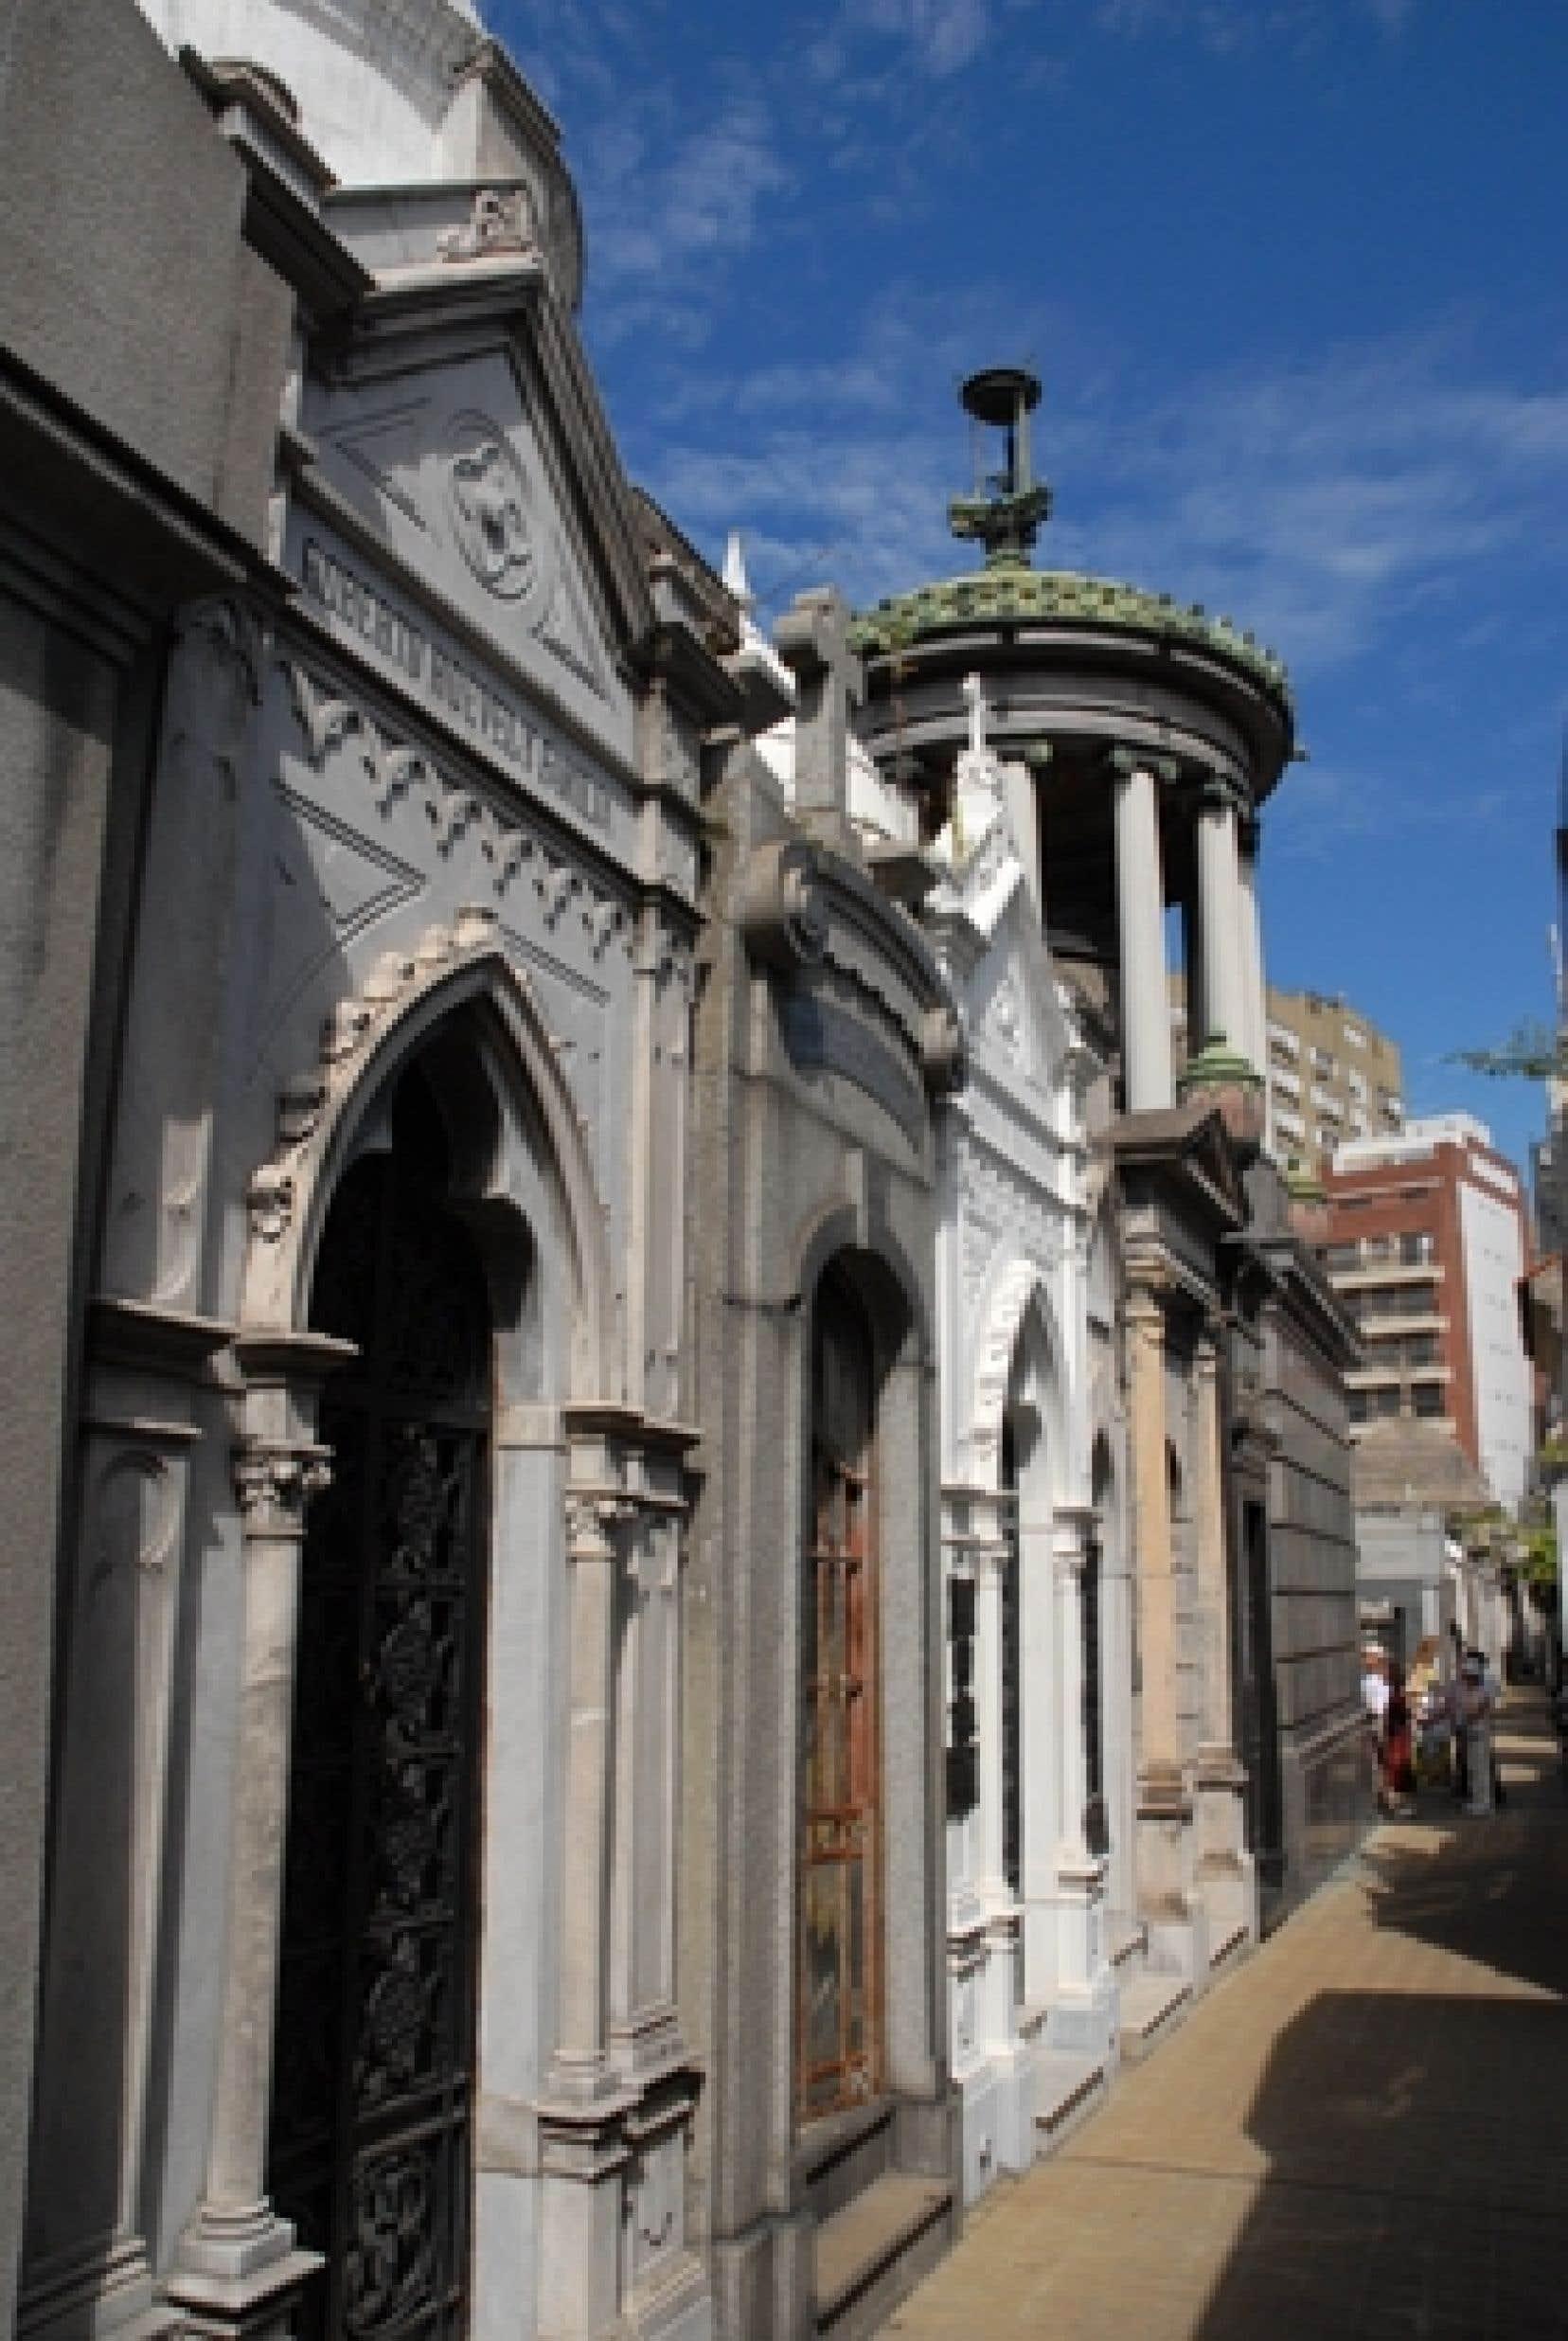 Le cimetière de Recoleta. En haut, à droite: exilé pendant la dernière dictature, Quino se retrouve aujourd'hui dans le métro de Buenos Aires à travers sa célèbre héroïne Mafalda.